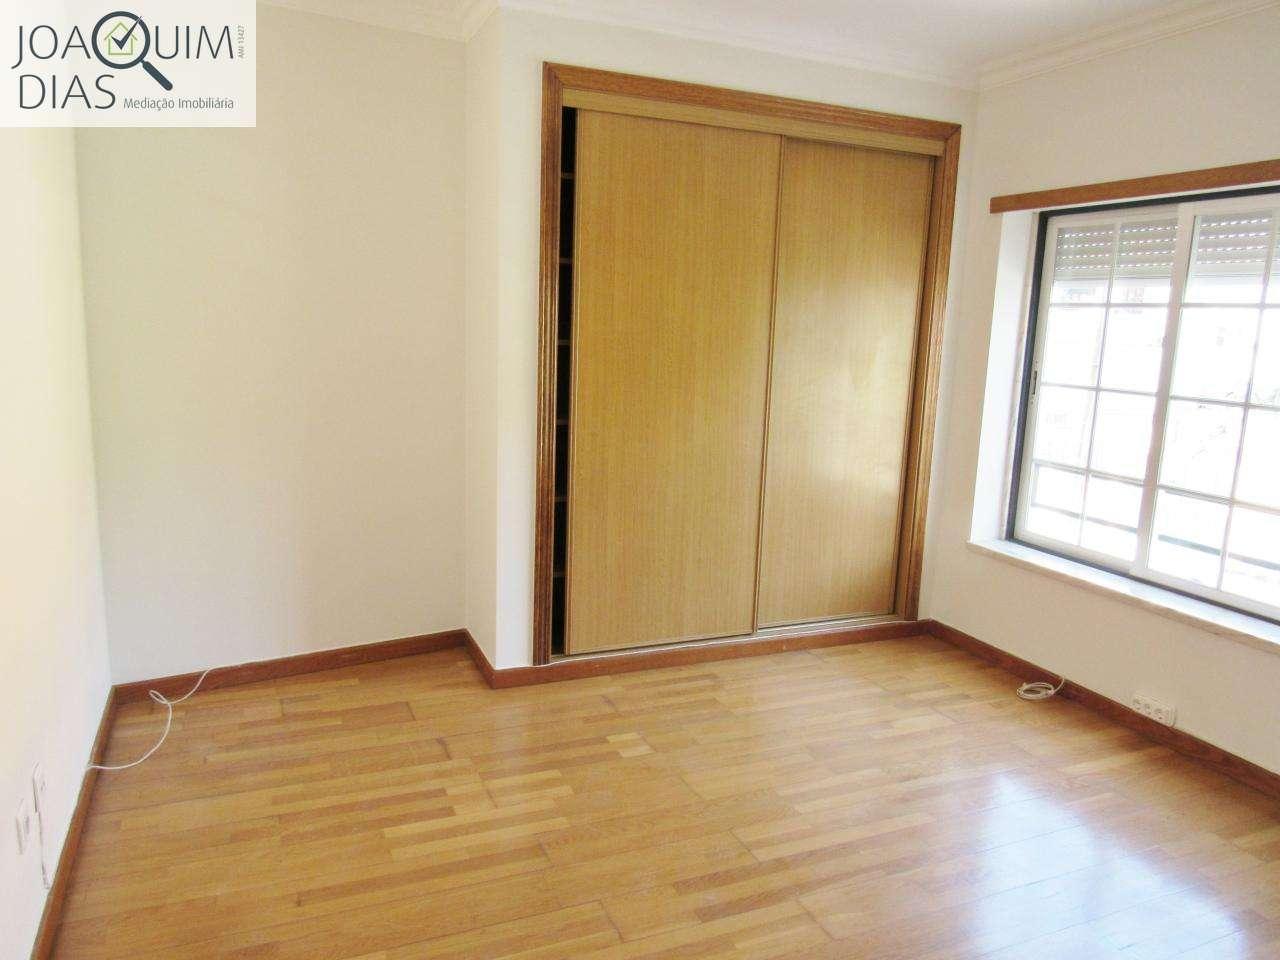 Apartamento para comprar, Malveira e São Miguel de Alcainça, Lisboa - Foto 19